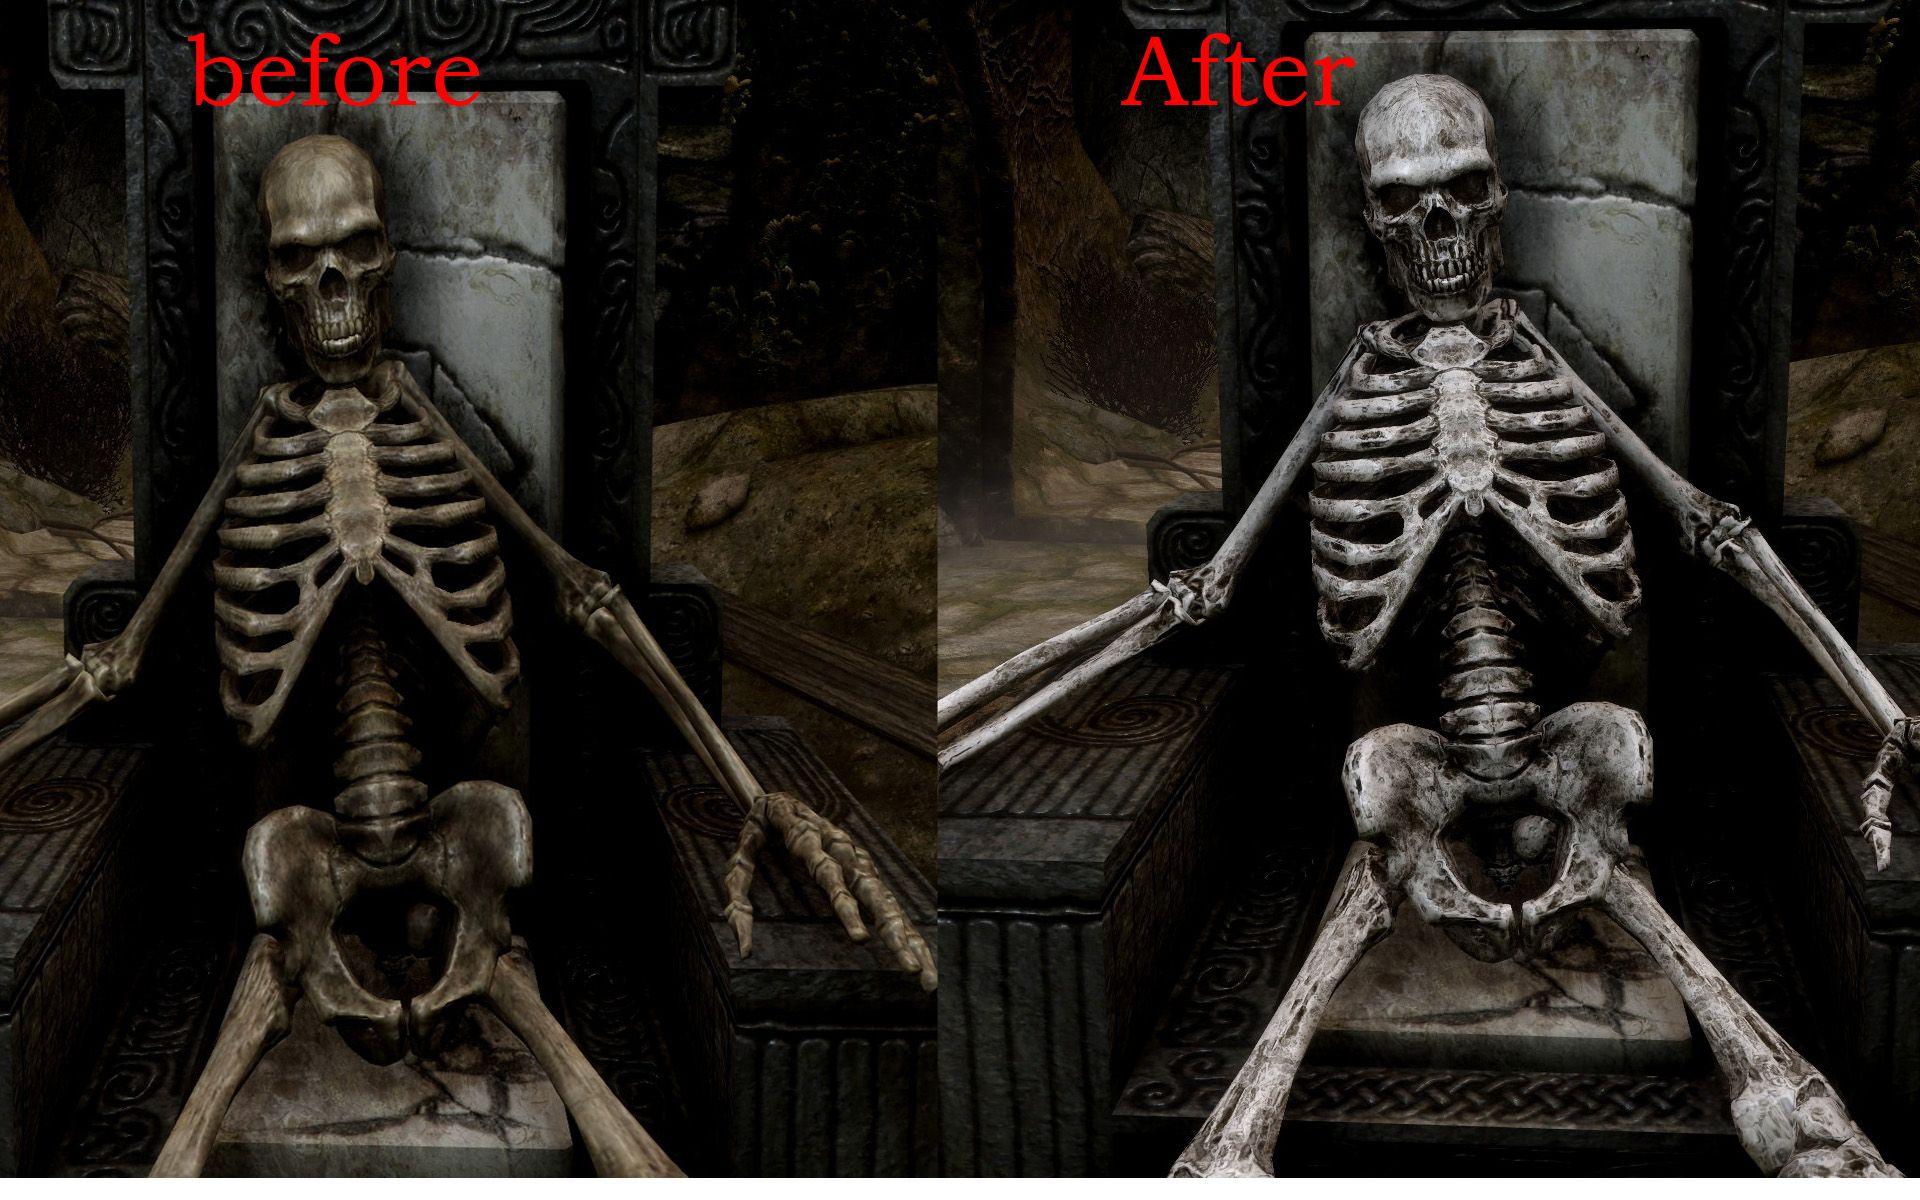 Resultado de imagen para skyrim skeleton Darth vader